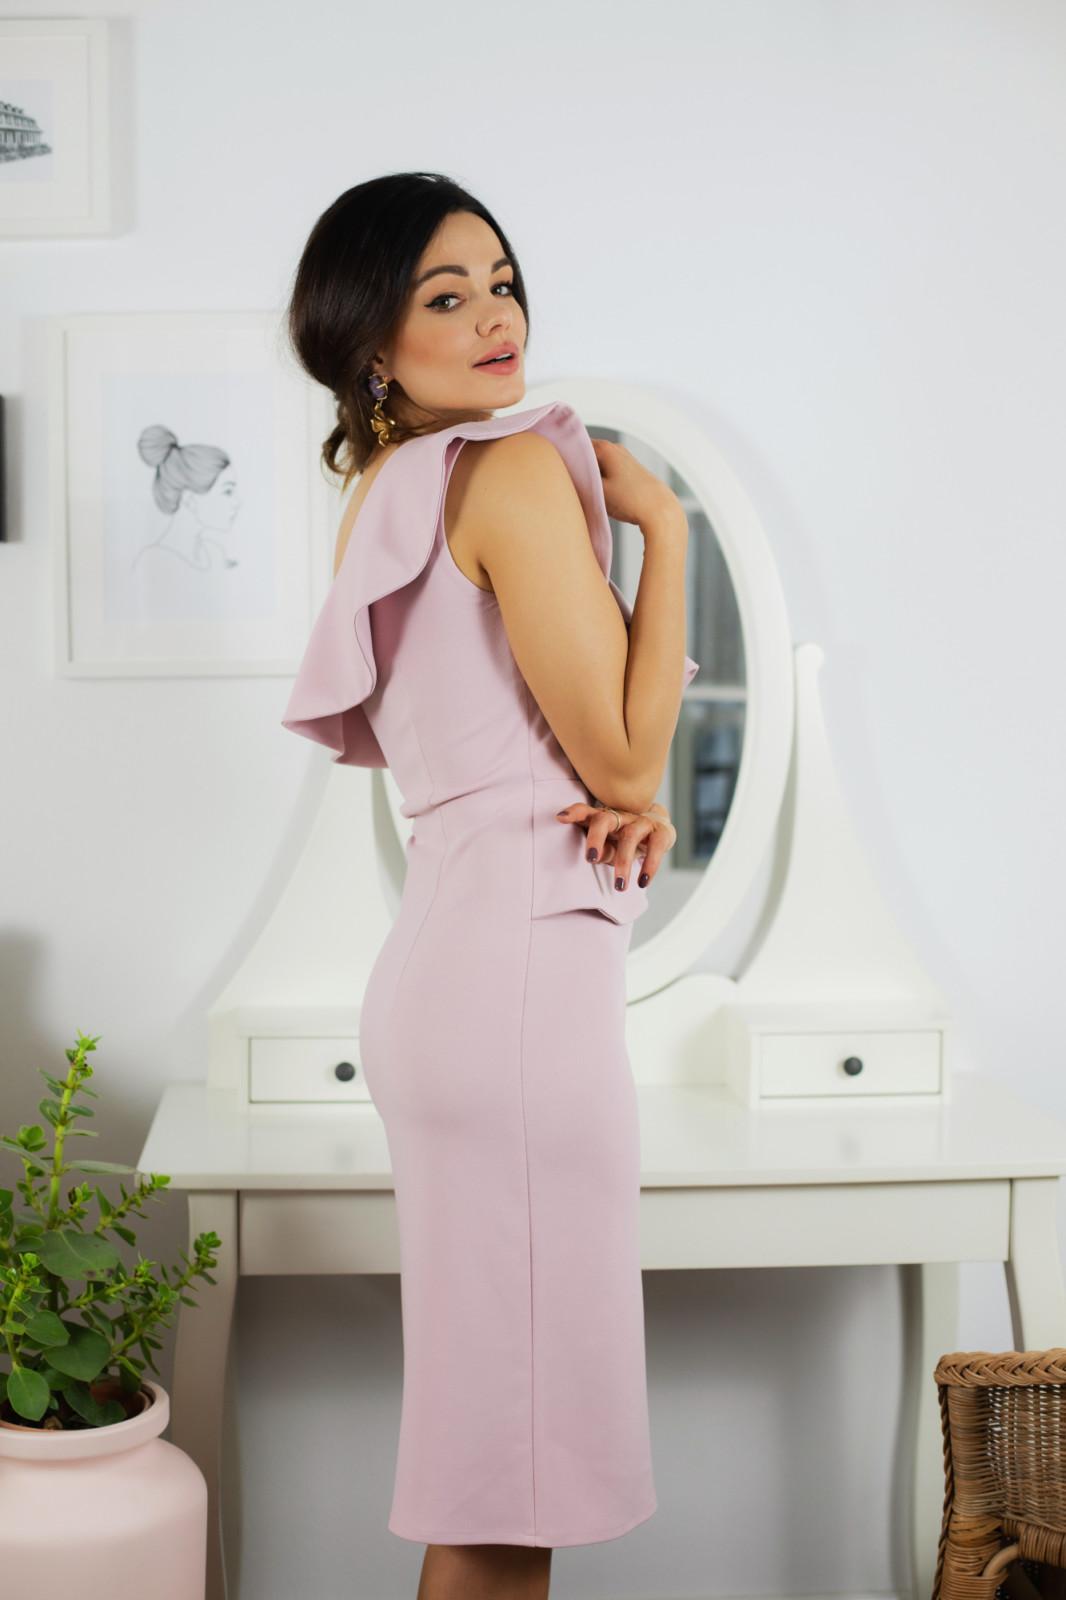 Ivet asymetryczna sukienka z falbaną-kartes-moda